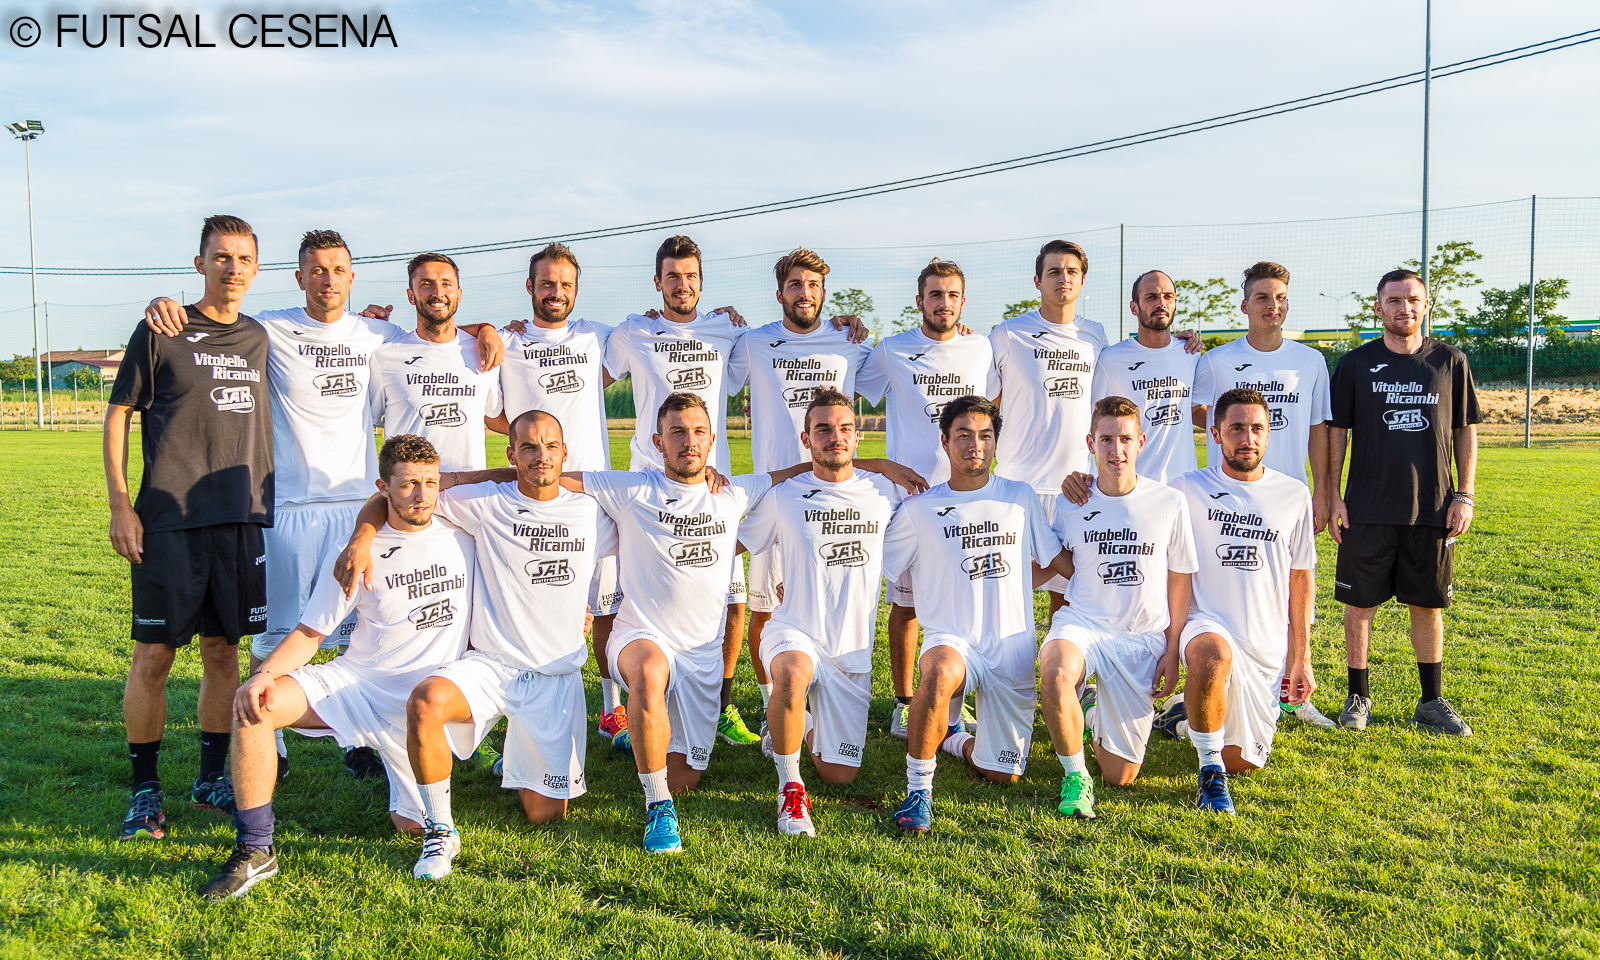 In Coppa Divisione la Futsal affronterà il Civitella